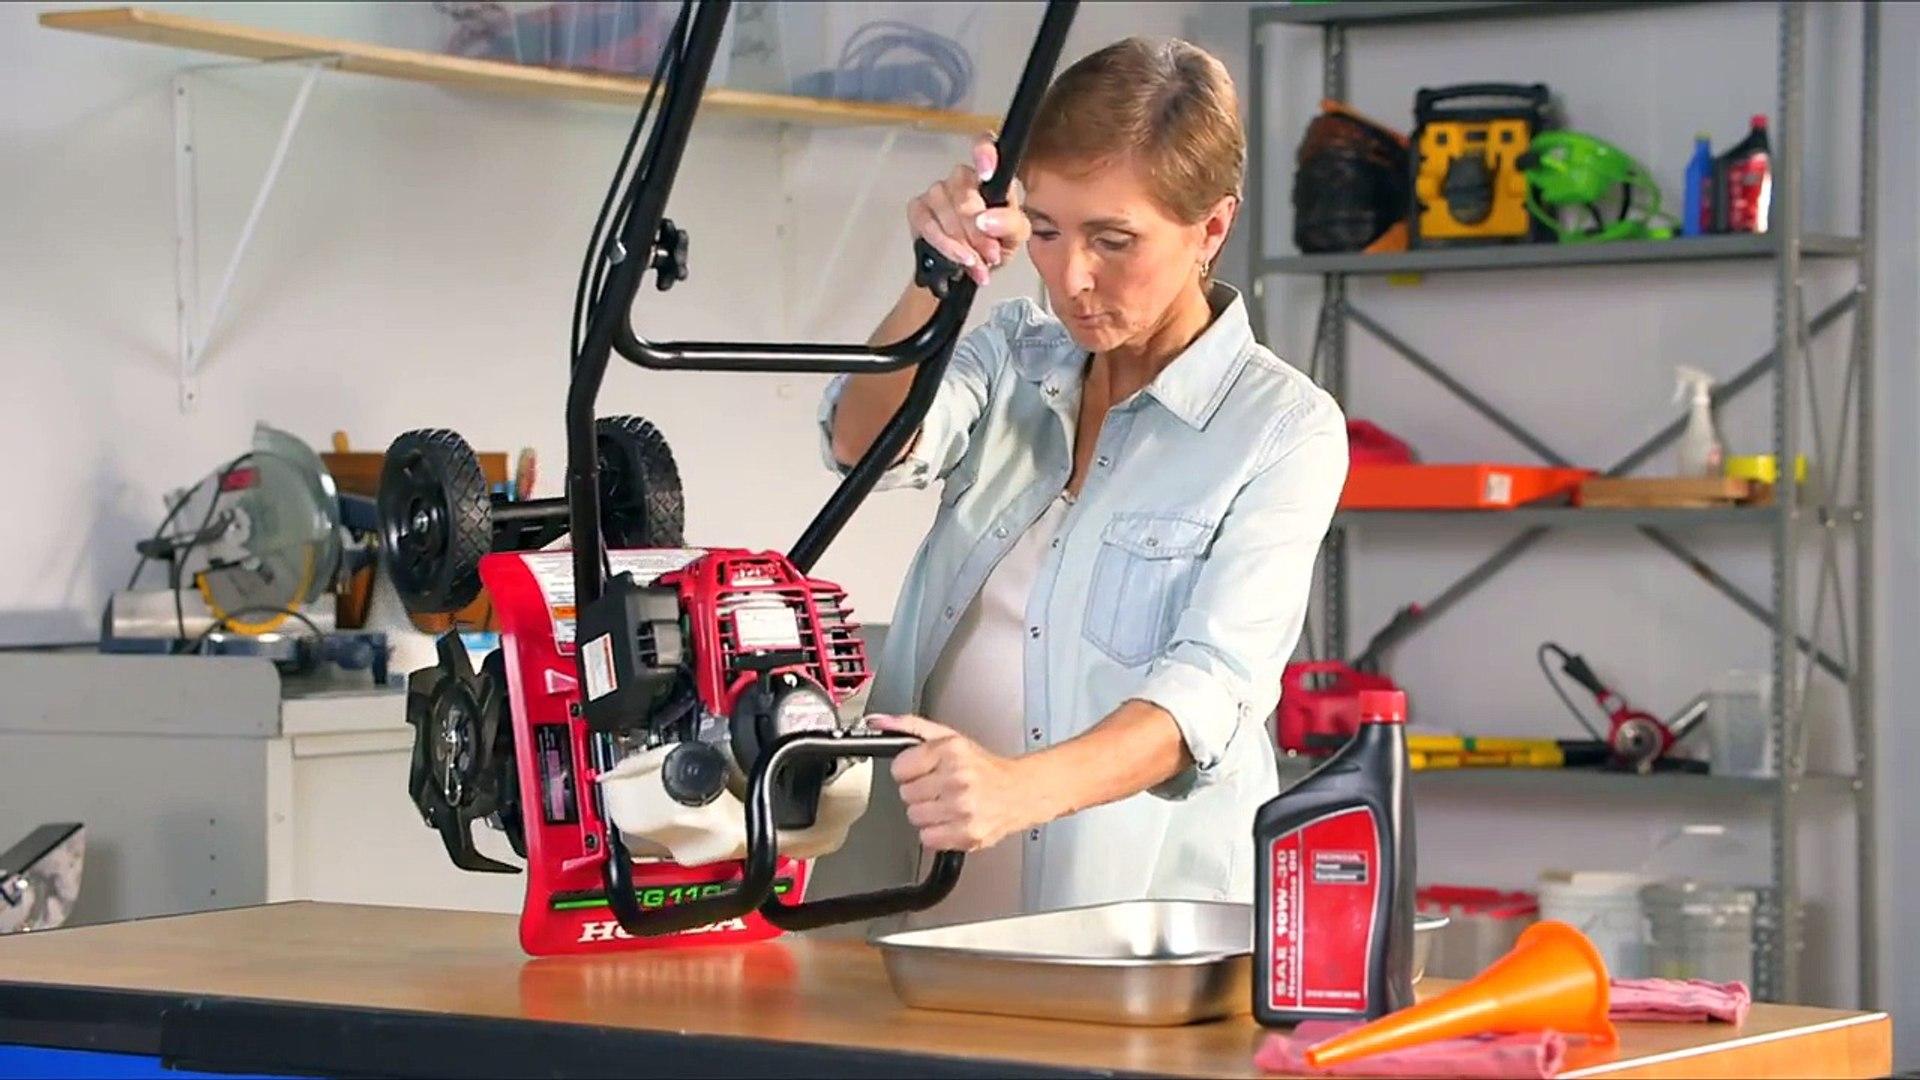 GX160 Drainzit HON1010 10mm Oil Changing Aid for Honda GX110 GX120 GX200